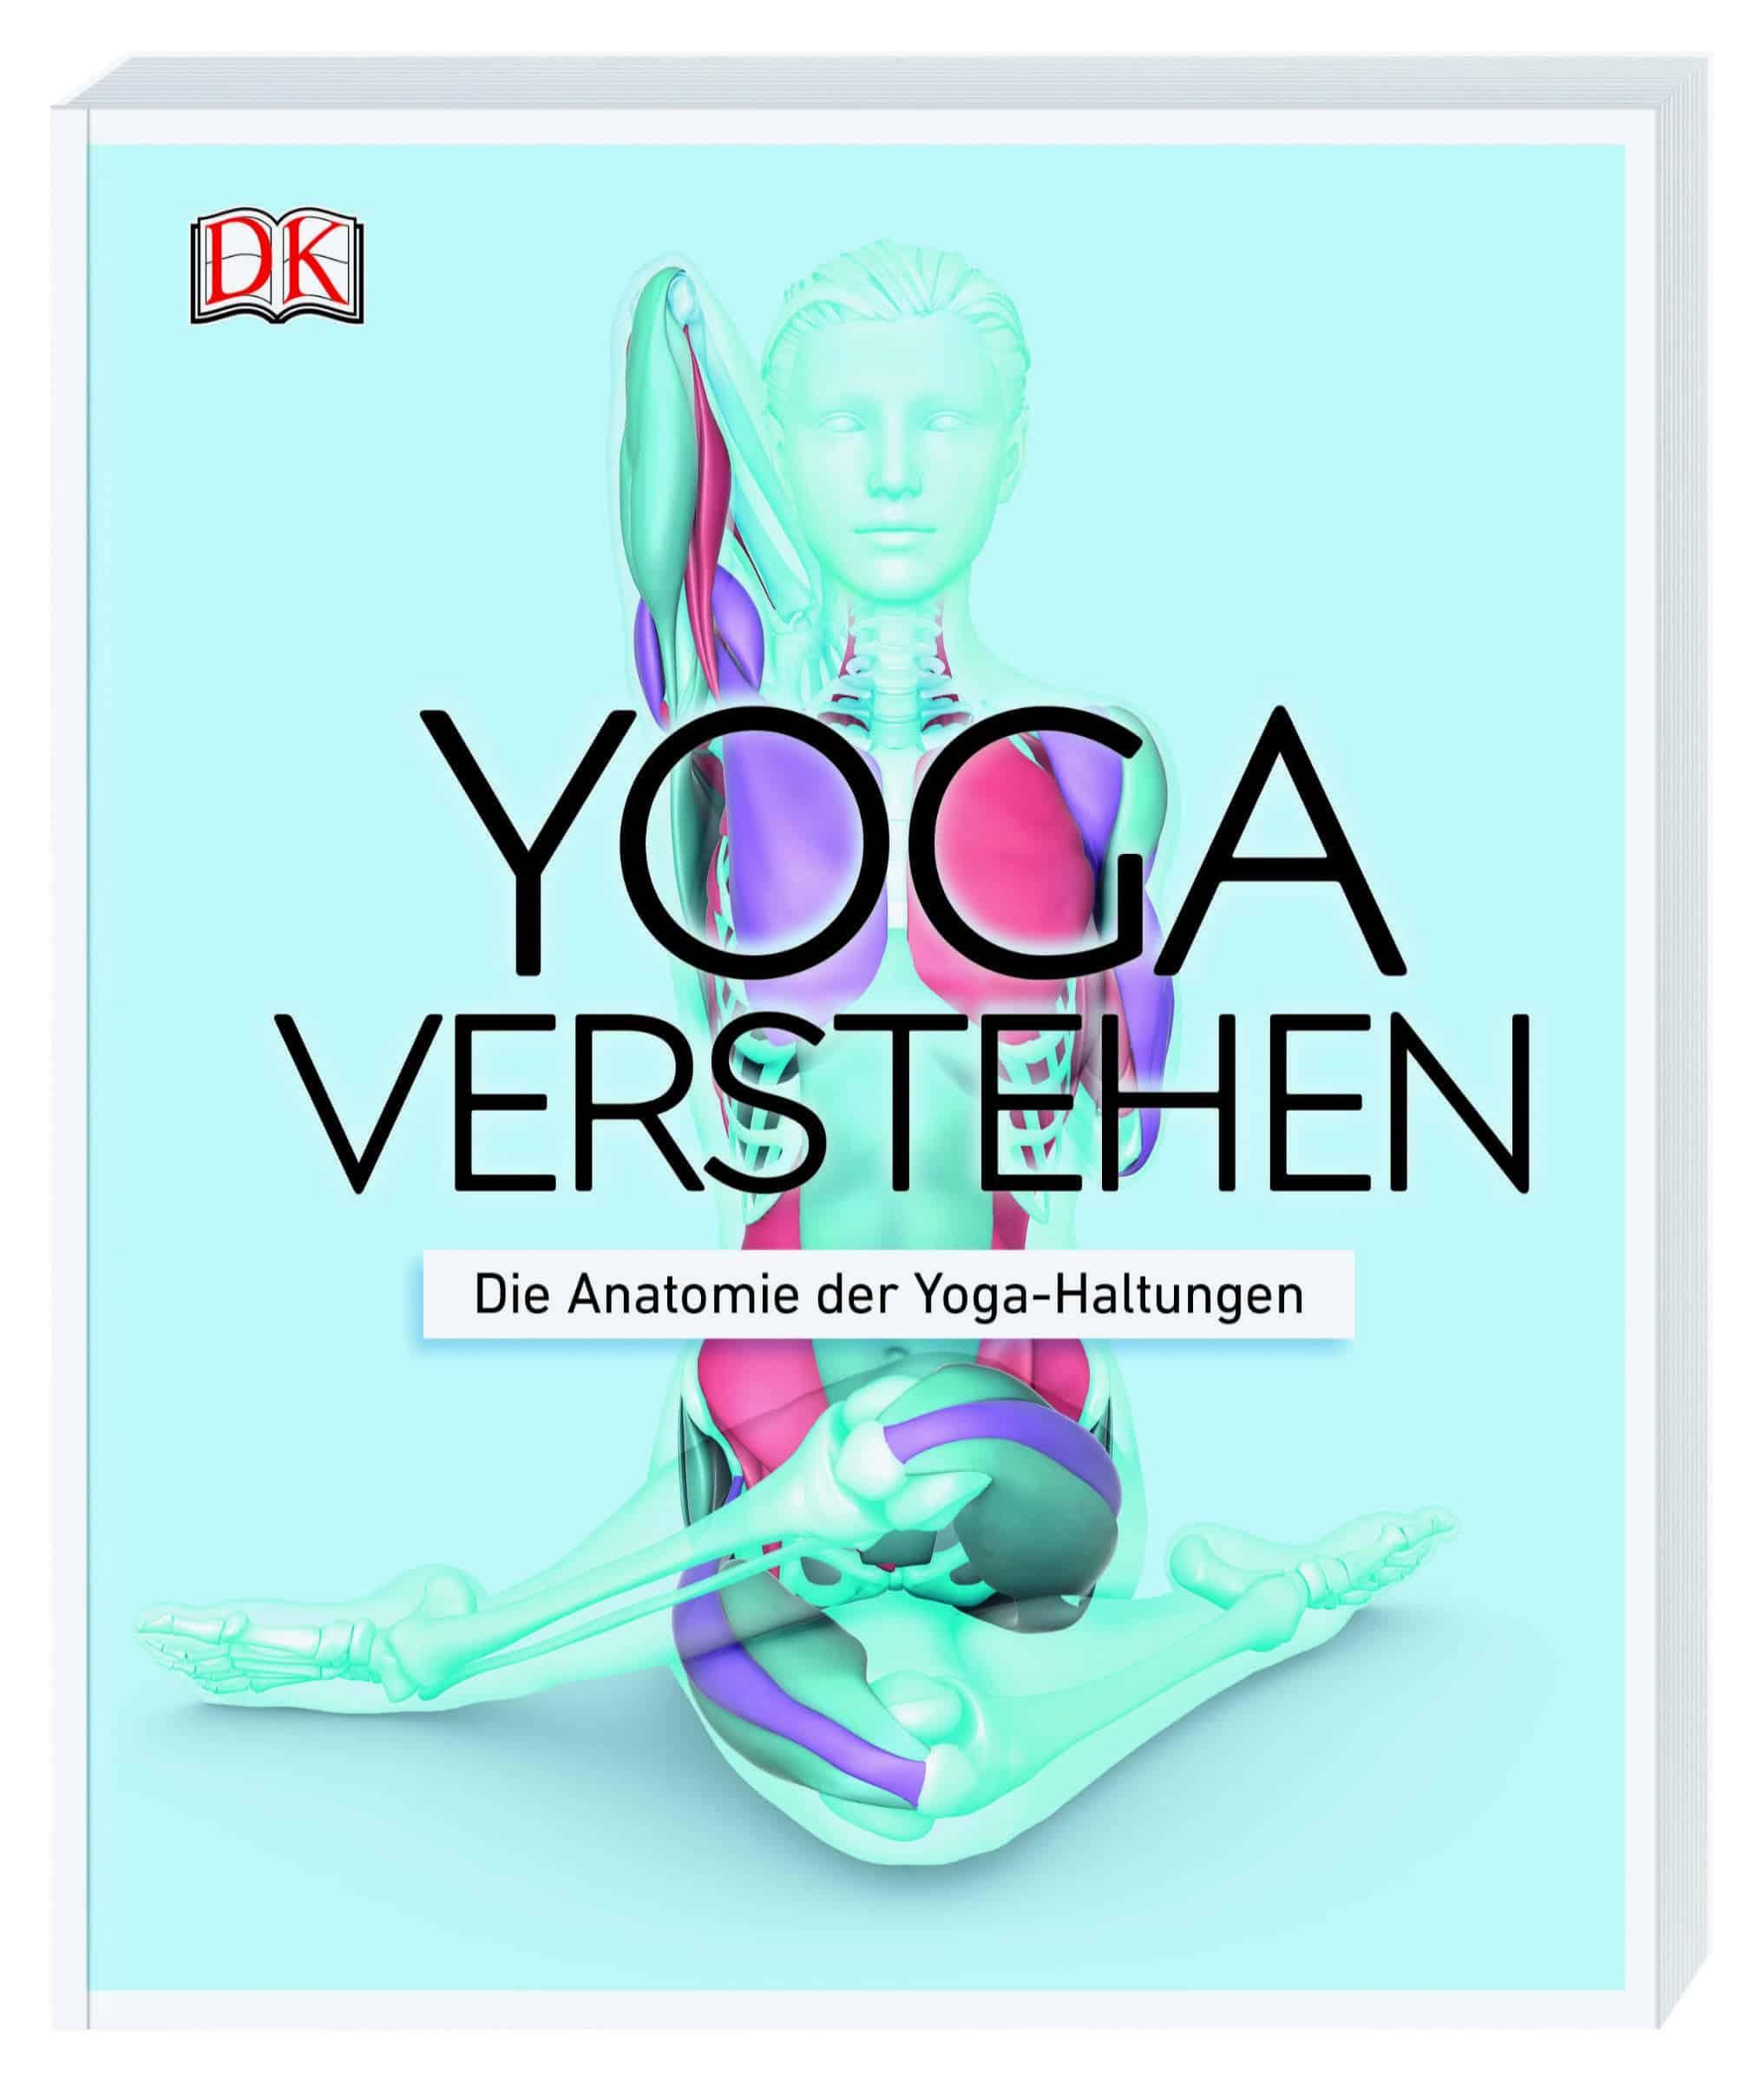 """""""Yoga verstehen"""" von Ann Swanson © DK Yogannetteblog.de"""